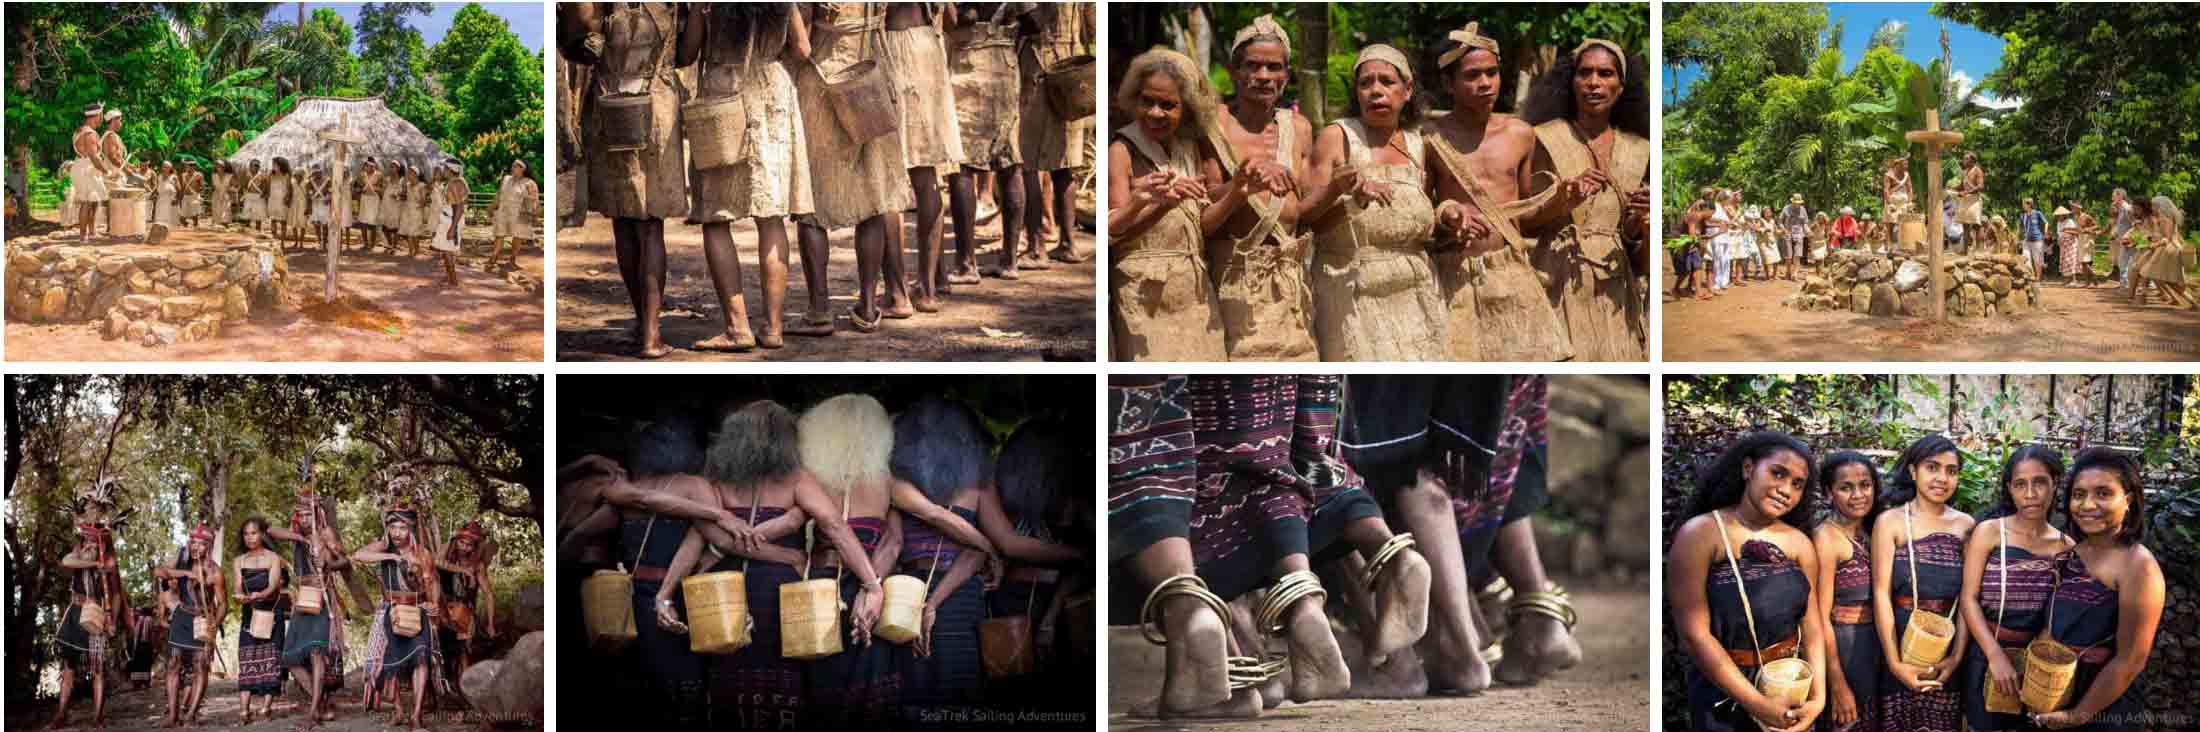 tribal-weaving-of-the-lesser-sunda-islands-5